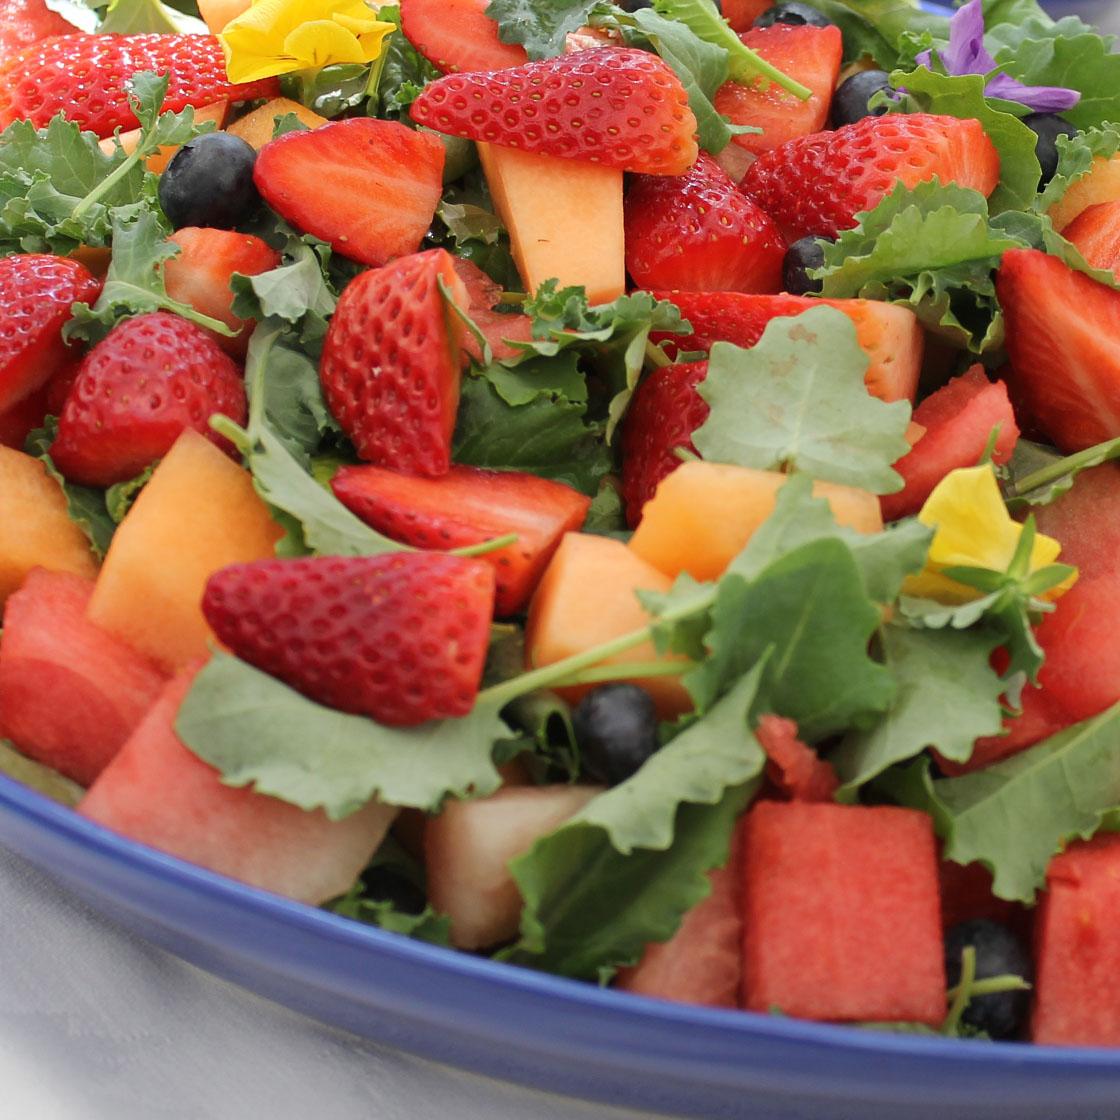 Insalata di fragole, melone, anguria, fiori edibili e rughetta